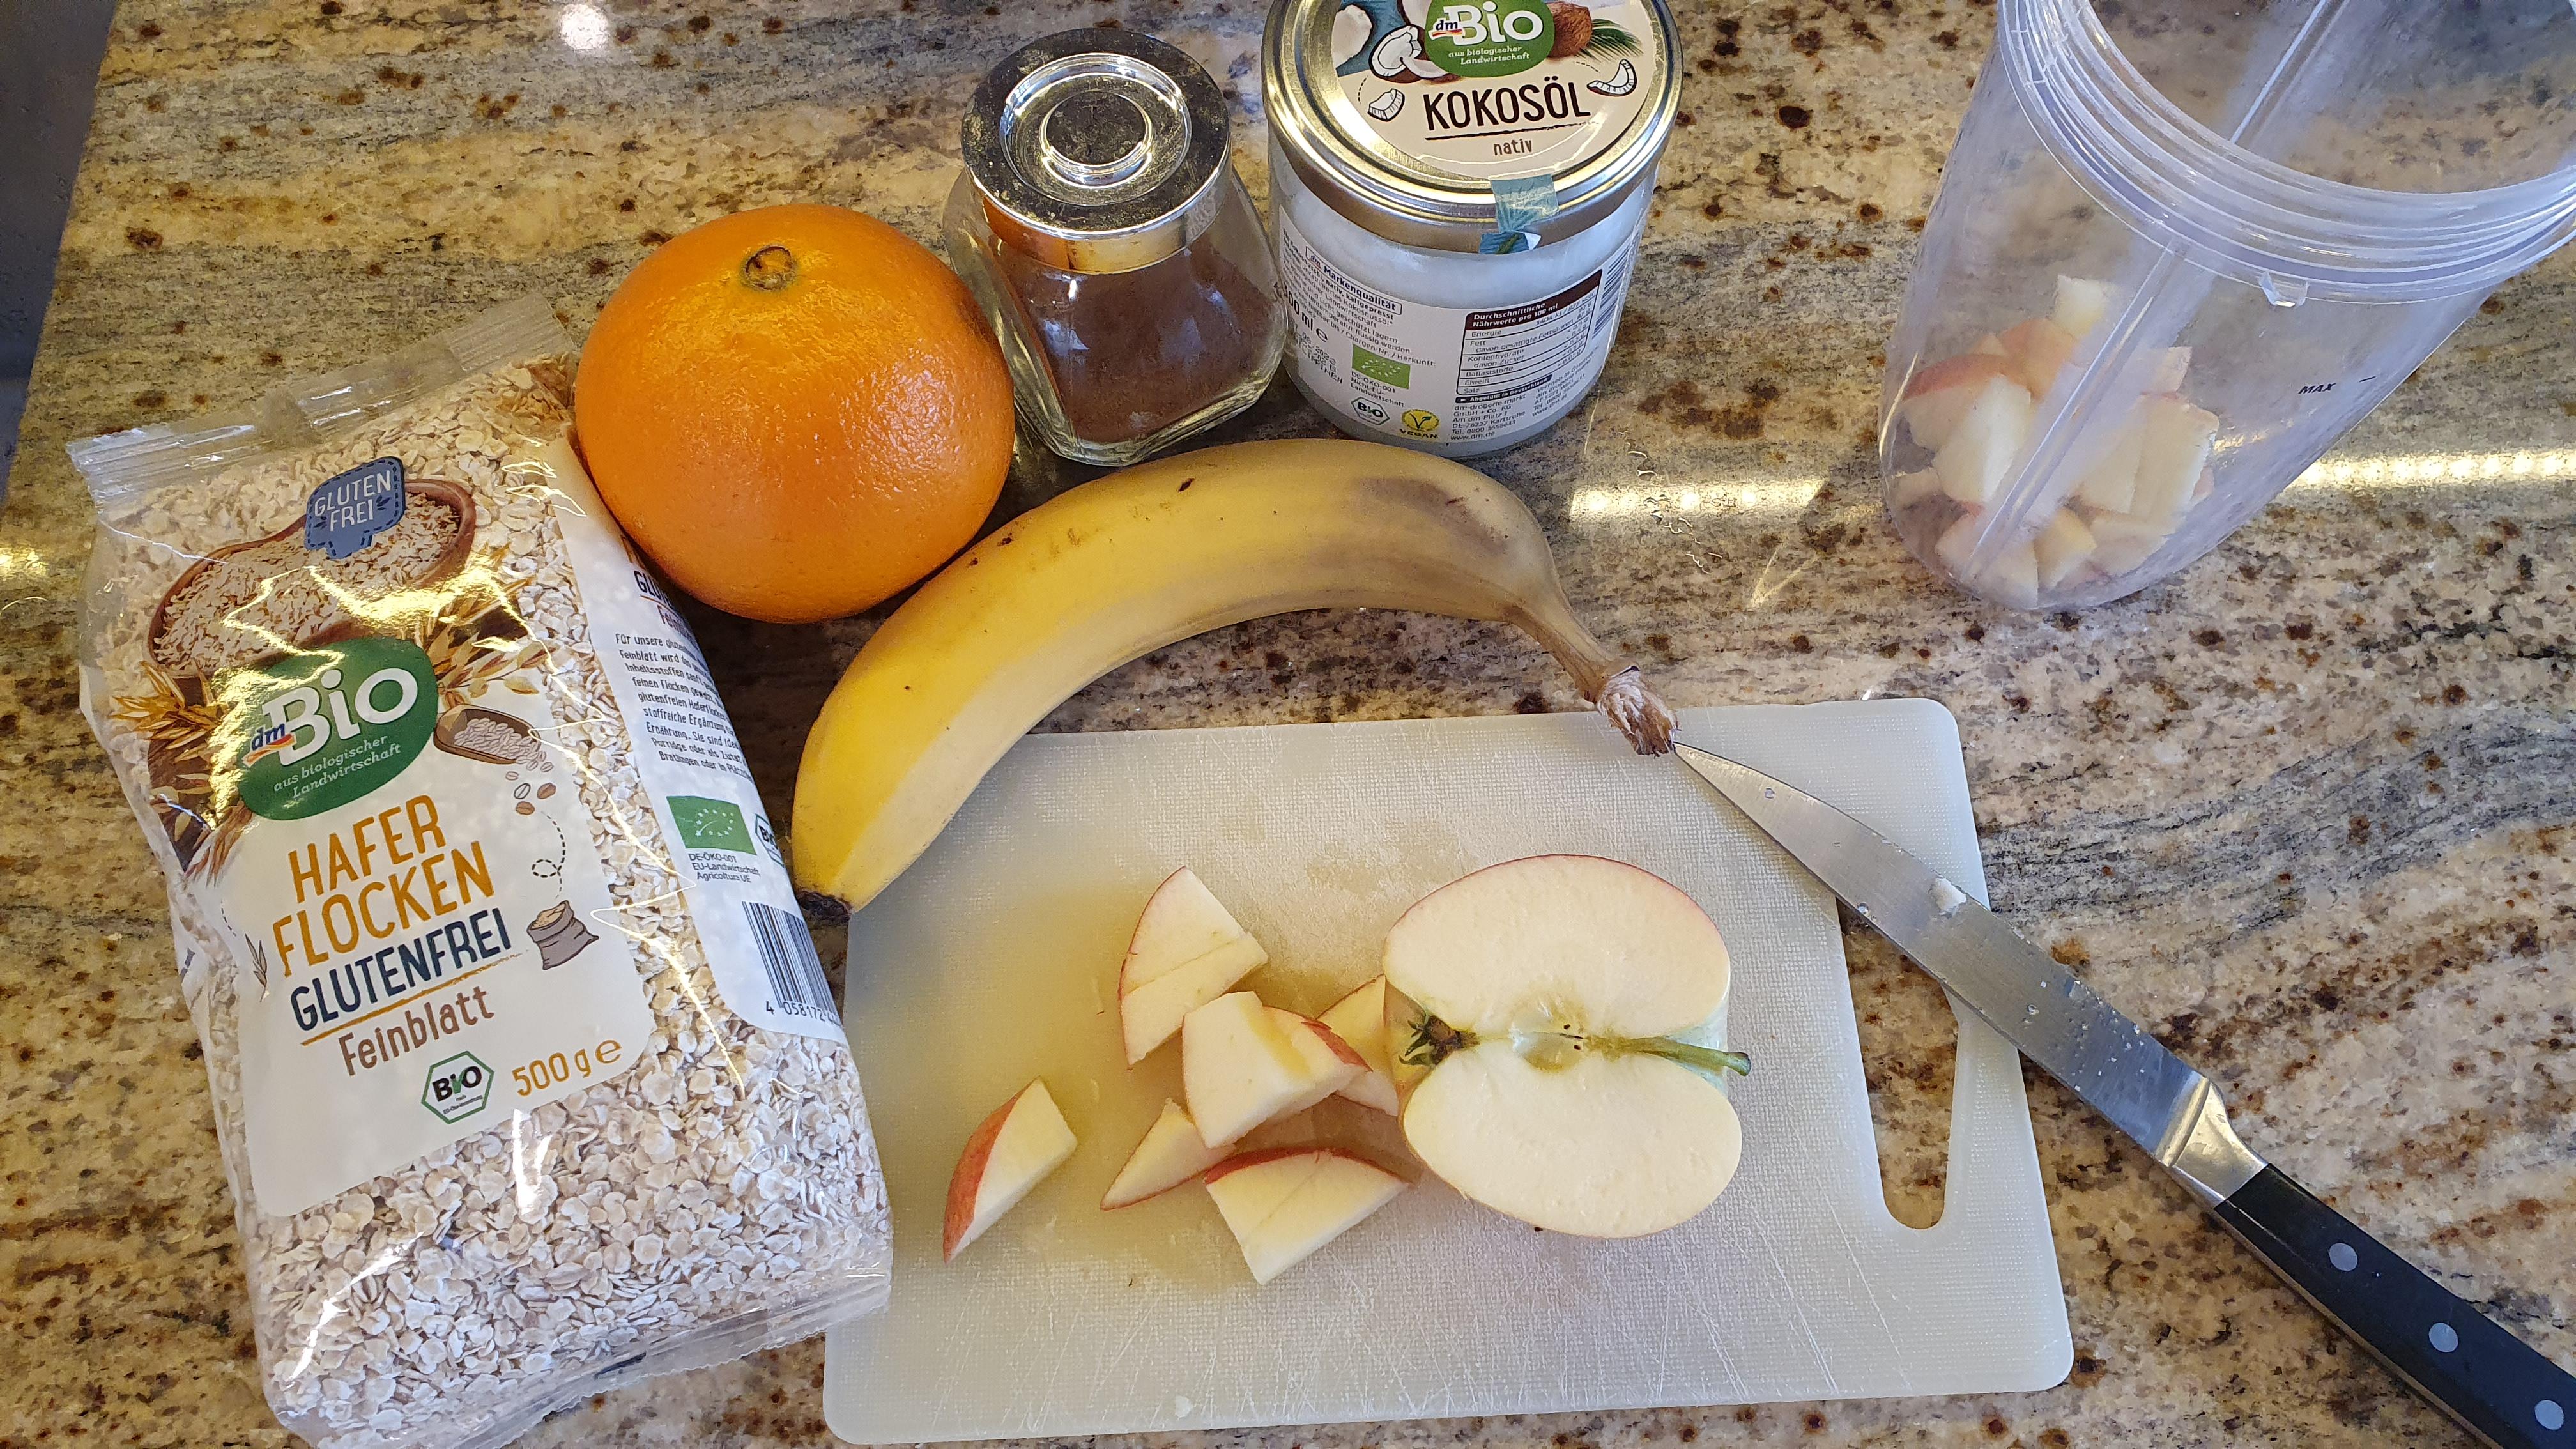 Ovocie si nakrájame na kúsky. Výber jednotlivých druhov sa dá zameniť, ale pozor, mal by tam byť určite banán kvôli sladkej chuti a jedno veľmi šťavnaté ovocie. Ak práve doma nemáme pomaranč/mandarínku/zrelú hrušku, môžeme namiesto toho pridať 1dl pomarančového alebo ananásového džúsu.